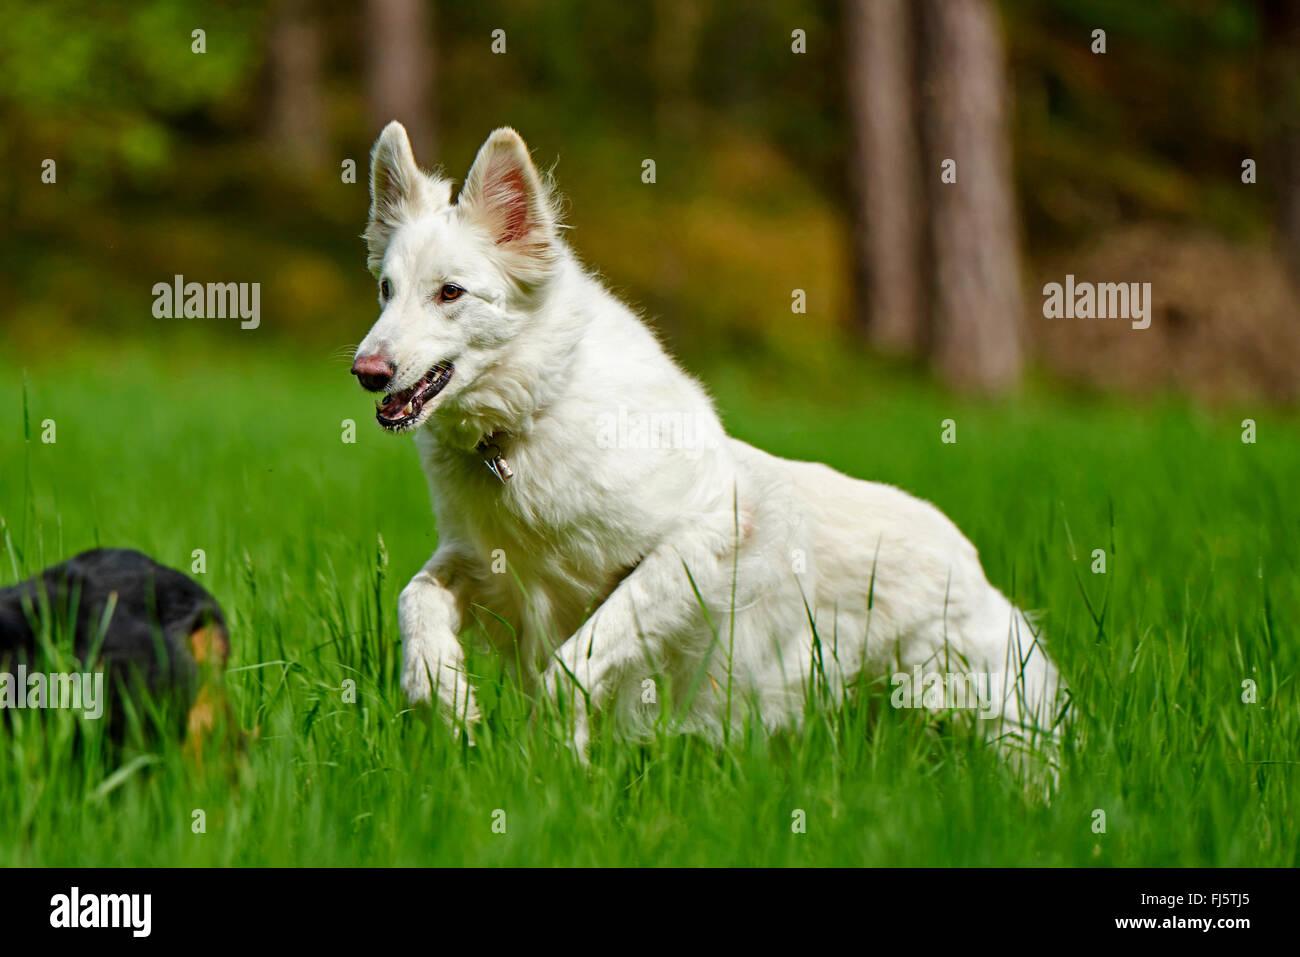 Berger Blanc Suisse (Canis lupus familiaris) f., BERGER BLANC SUISSE corriendo en una pradera, Alemania Foto de stock